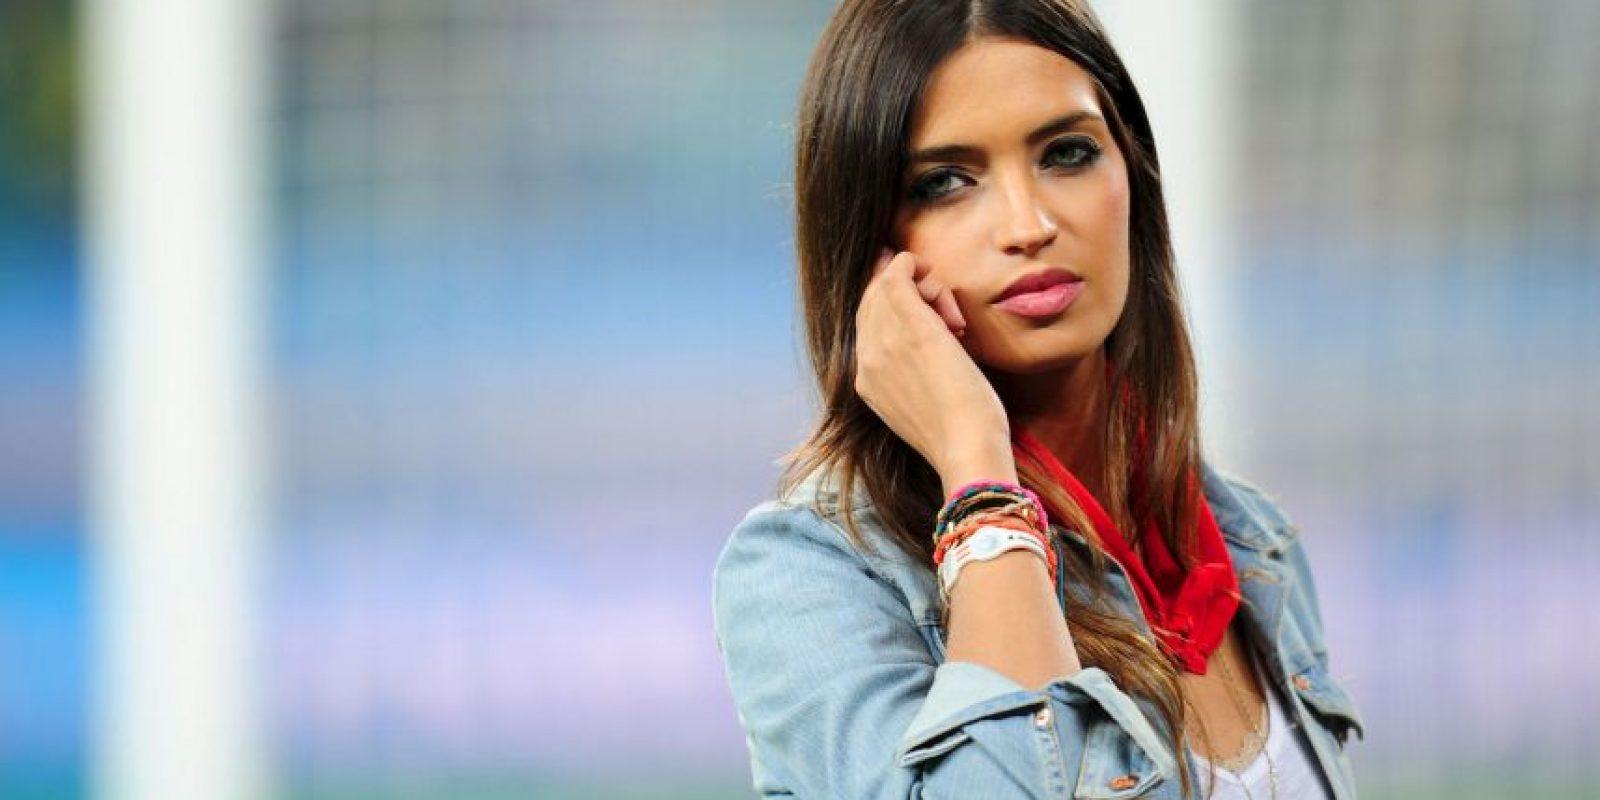 Y su relación se hizo mediática durante el Mundial de 2010. Foto:Getty Images